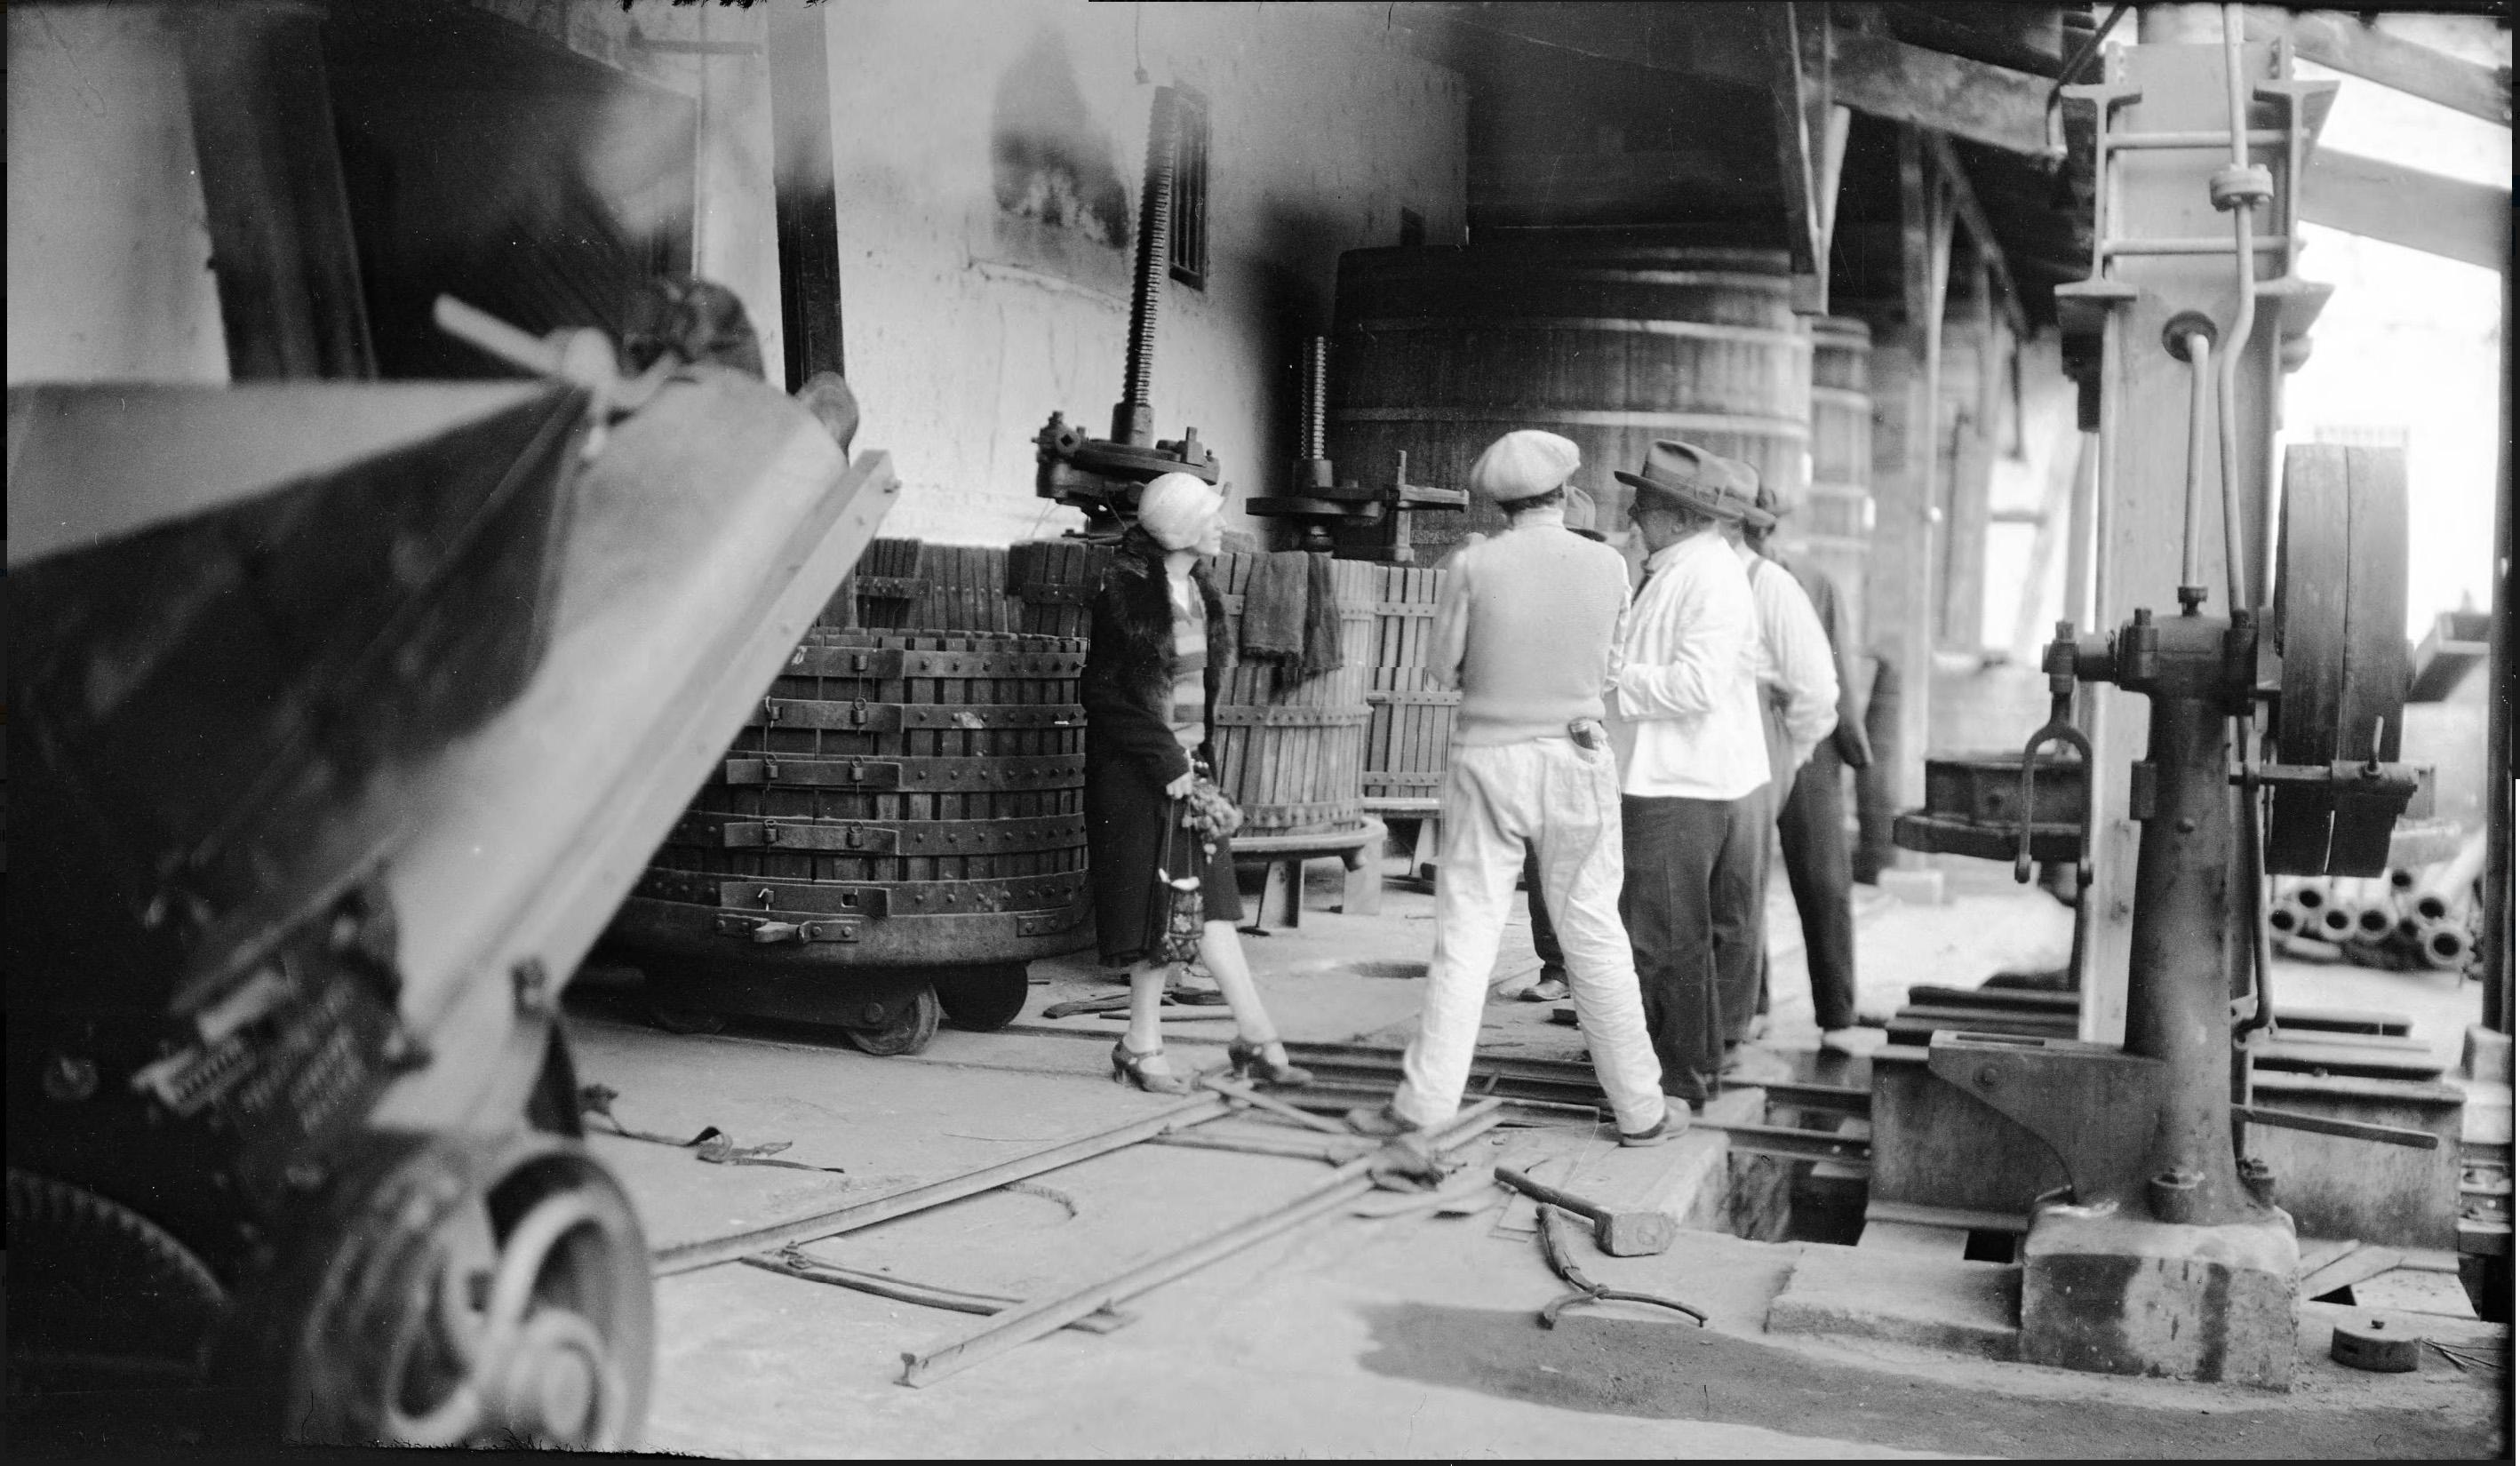 Enterreno - Fotos históricas de chile - fotos antiguas de Chile - Viña Conchalí, Santiago en 1930